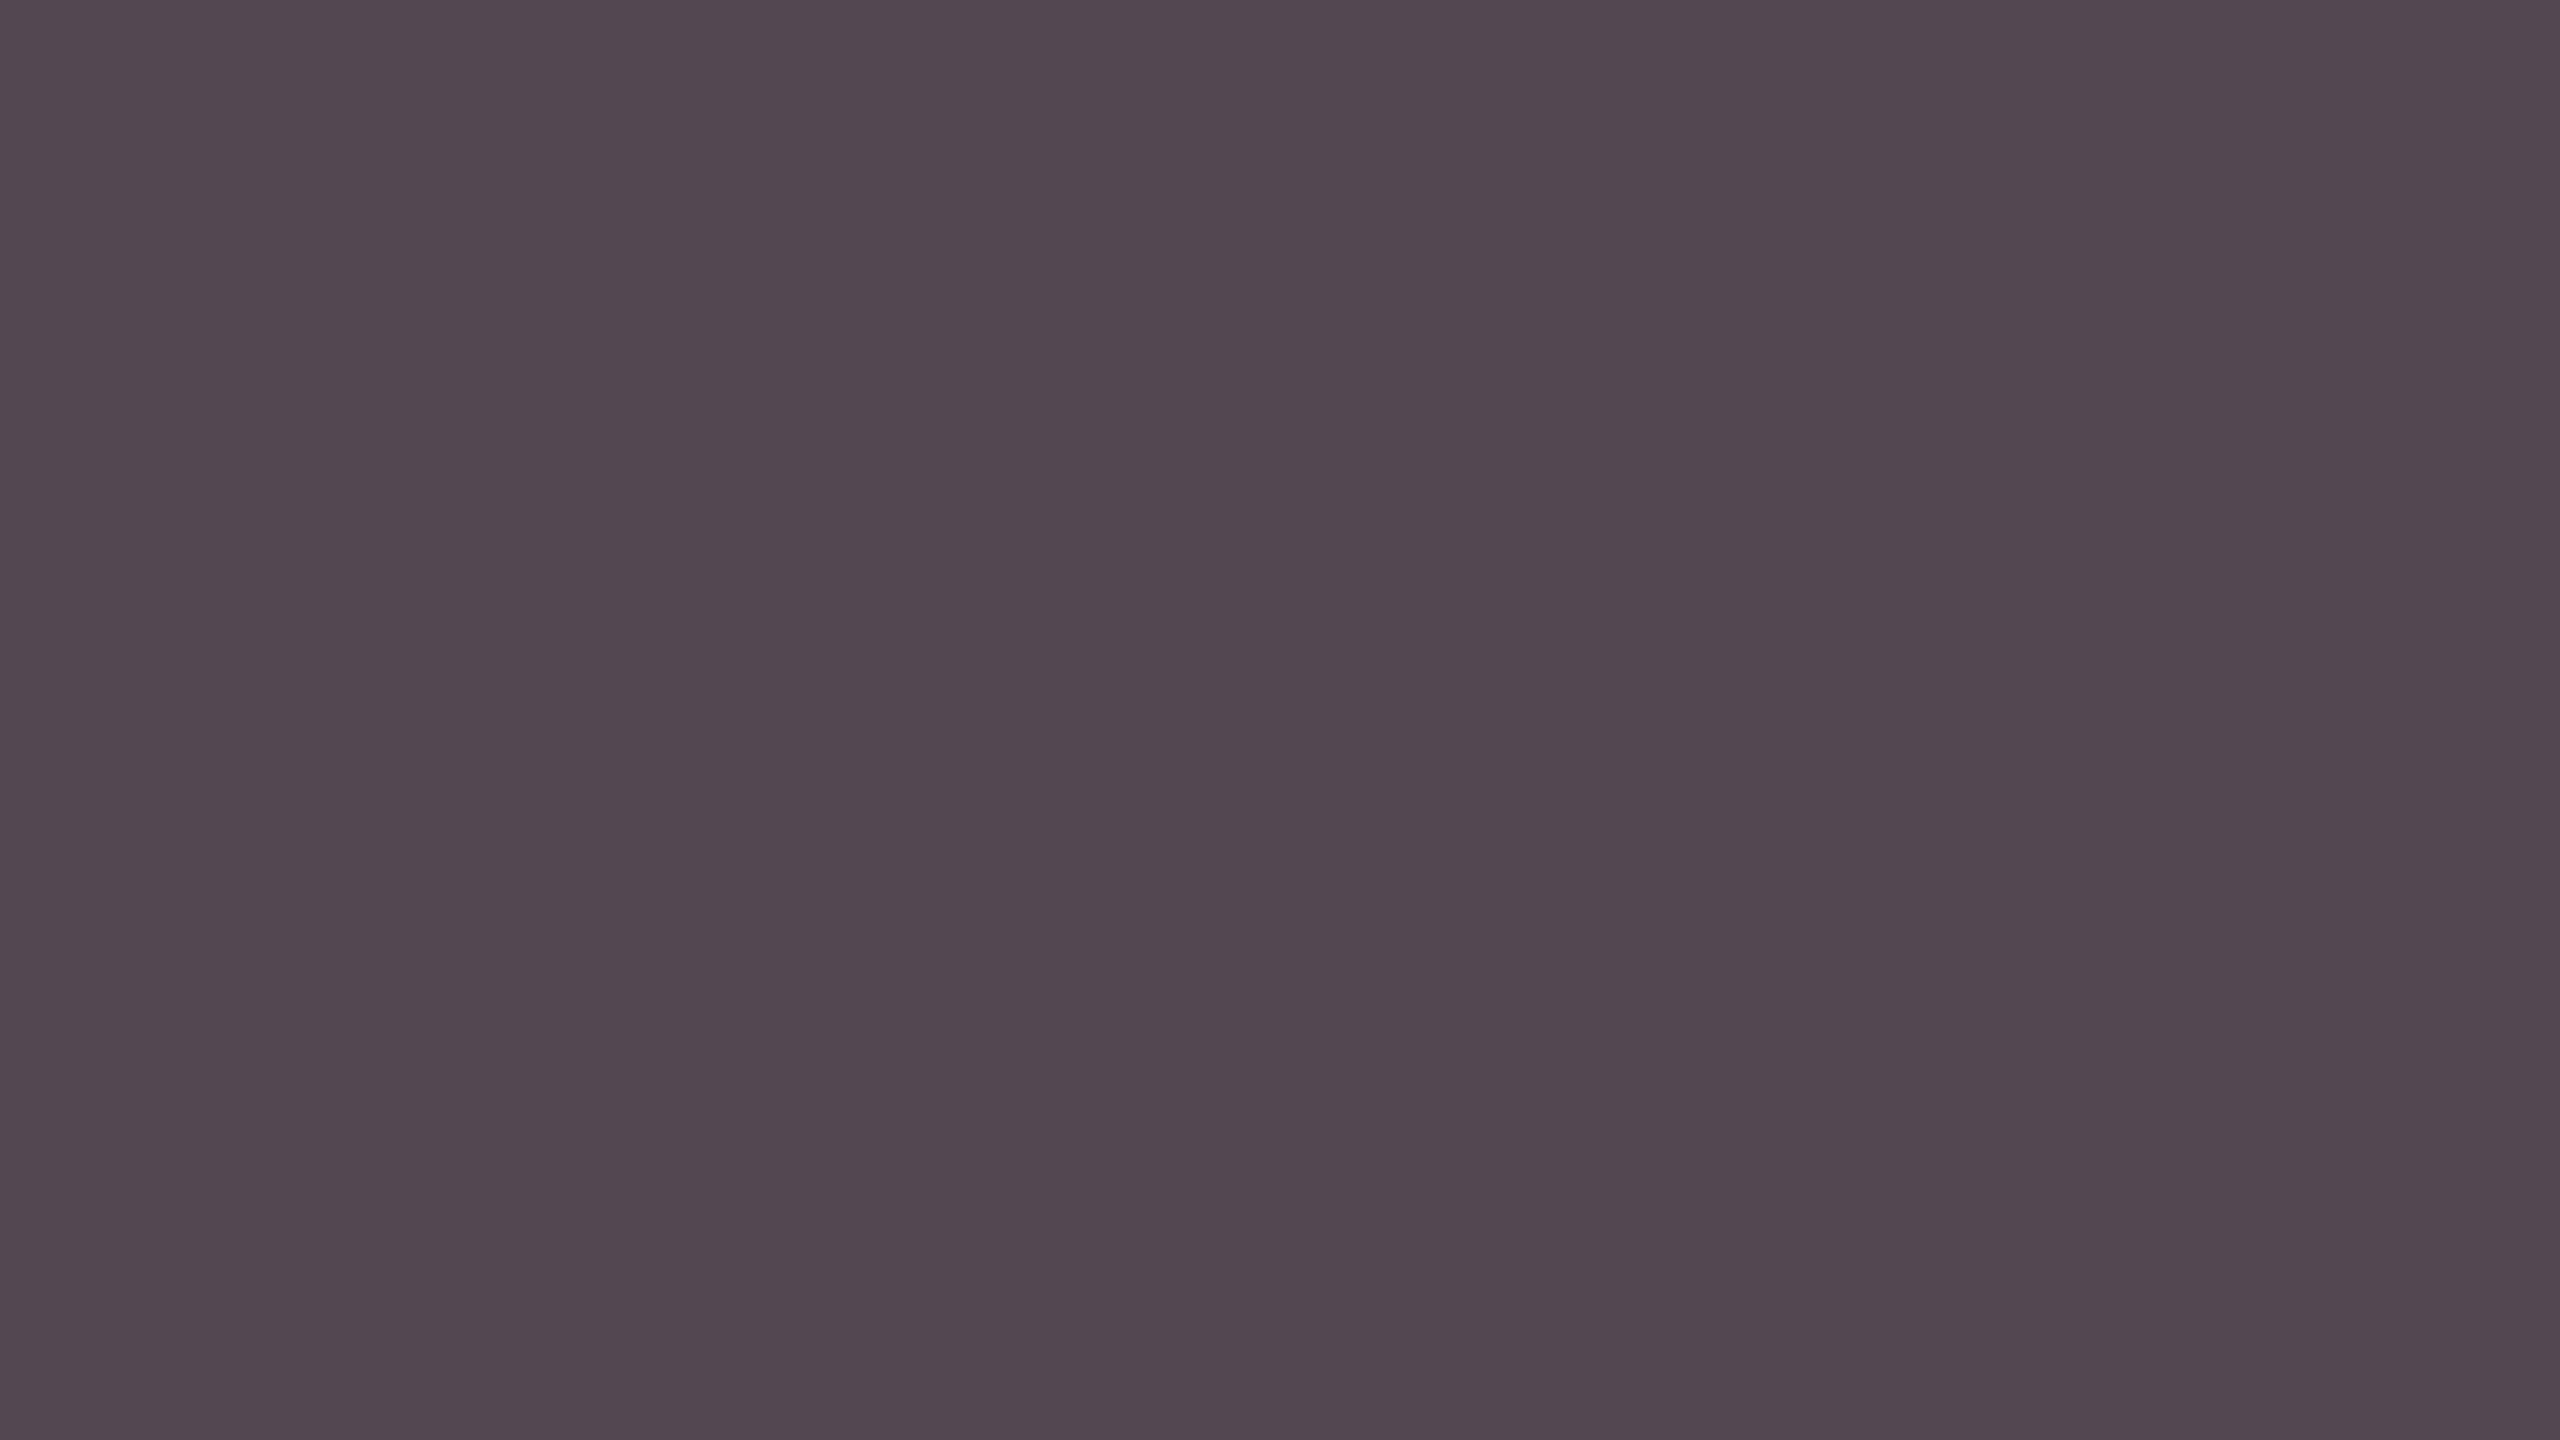 2560x1440 Quartz Solid Color Background